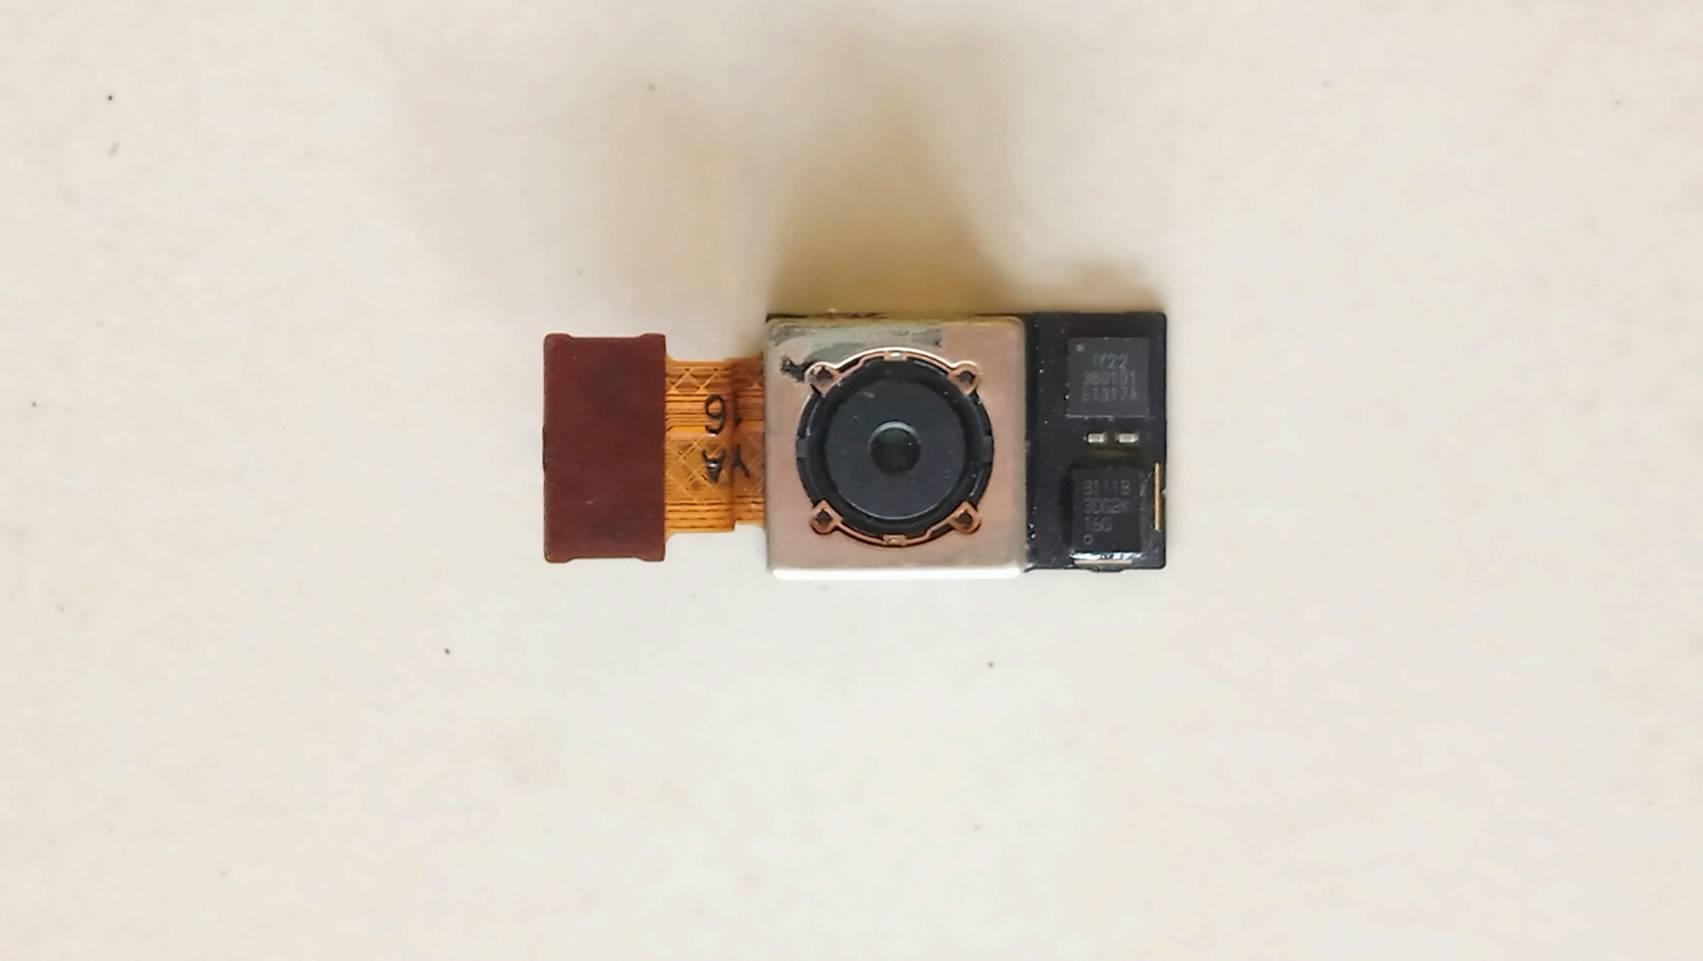 กล้องหลัง LG G2 F320 / D800 มือสอง